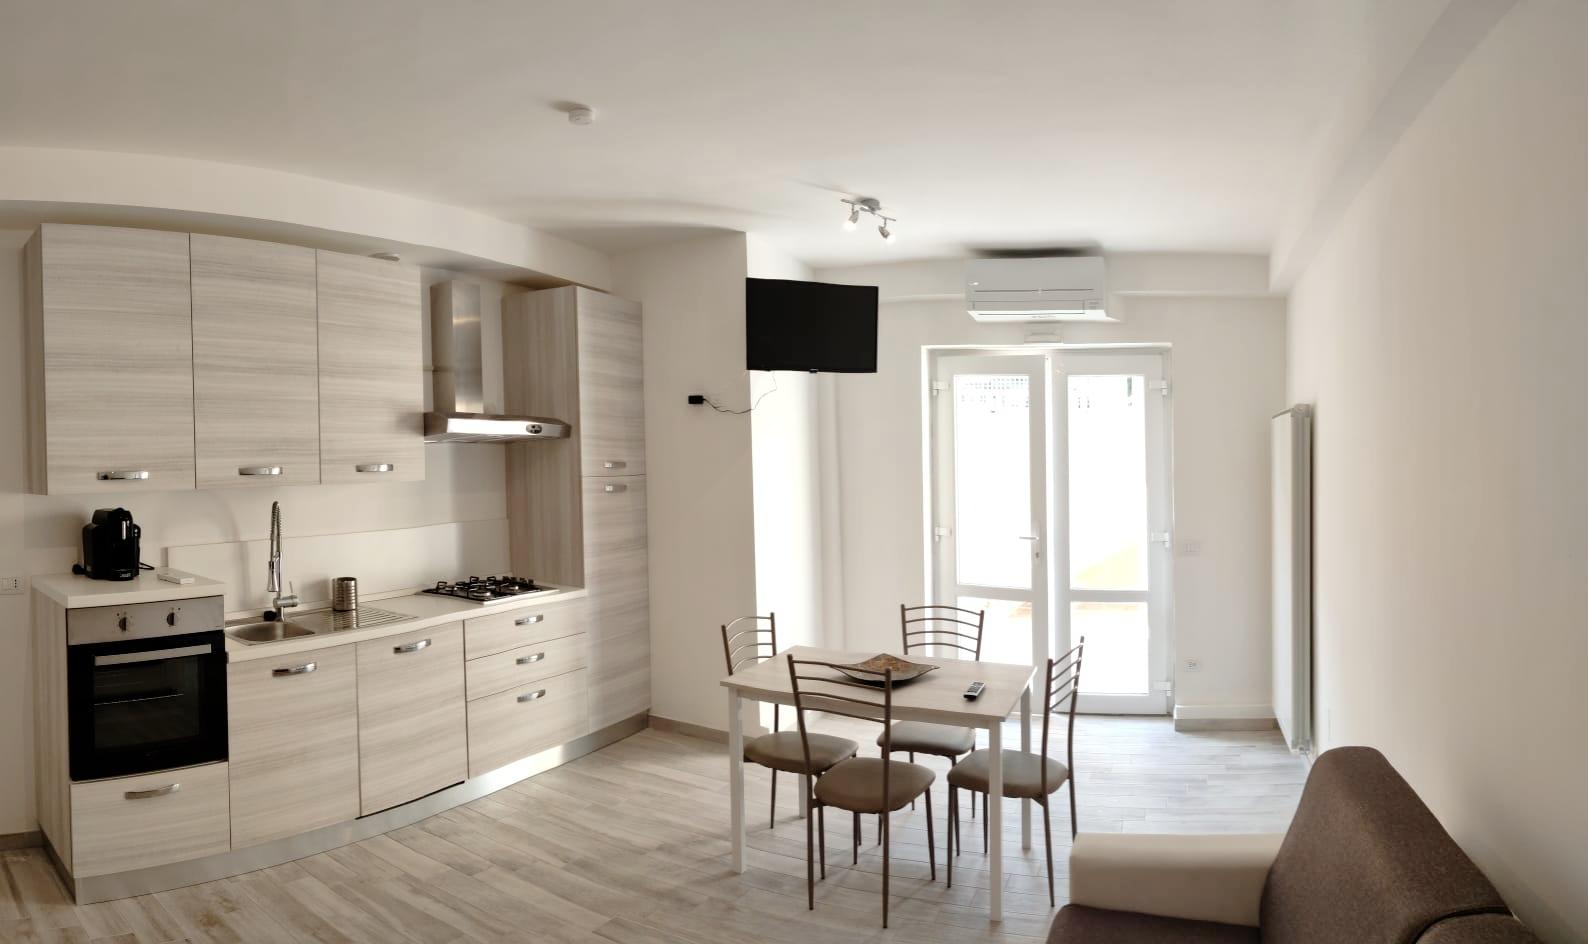 Appartamento in vendita a Grottammare, 3 locali, prezzo € 145.000 | CambioCasa.it